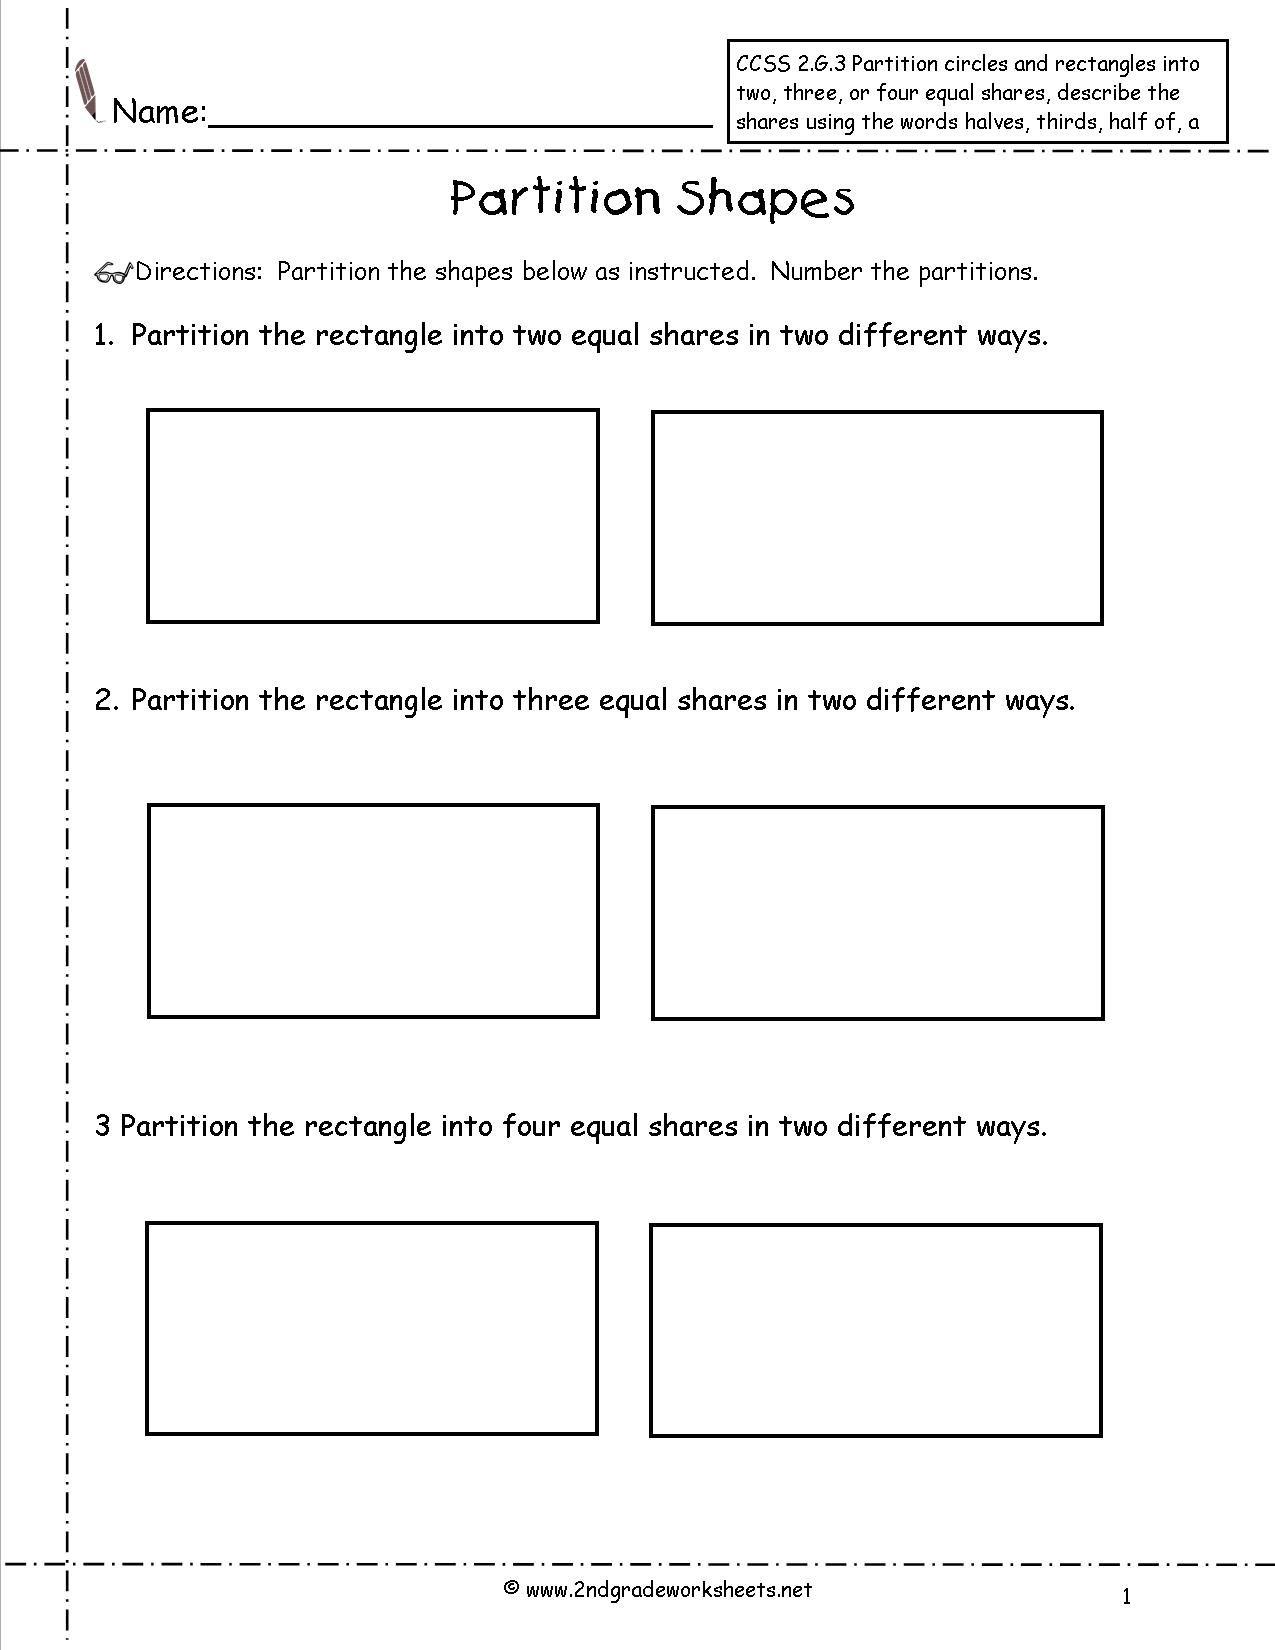 CCSS 2.G.3 Worksheets [ 1650 x 1275 Pixel ]